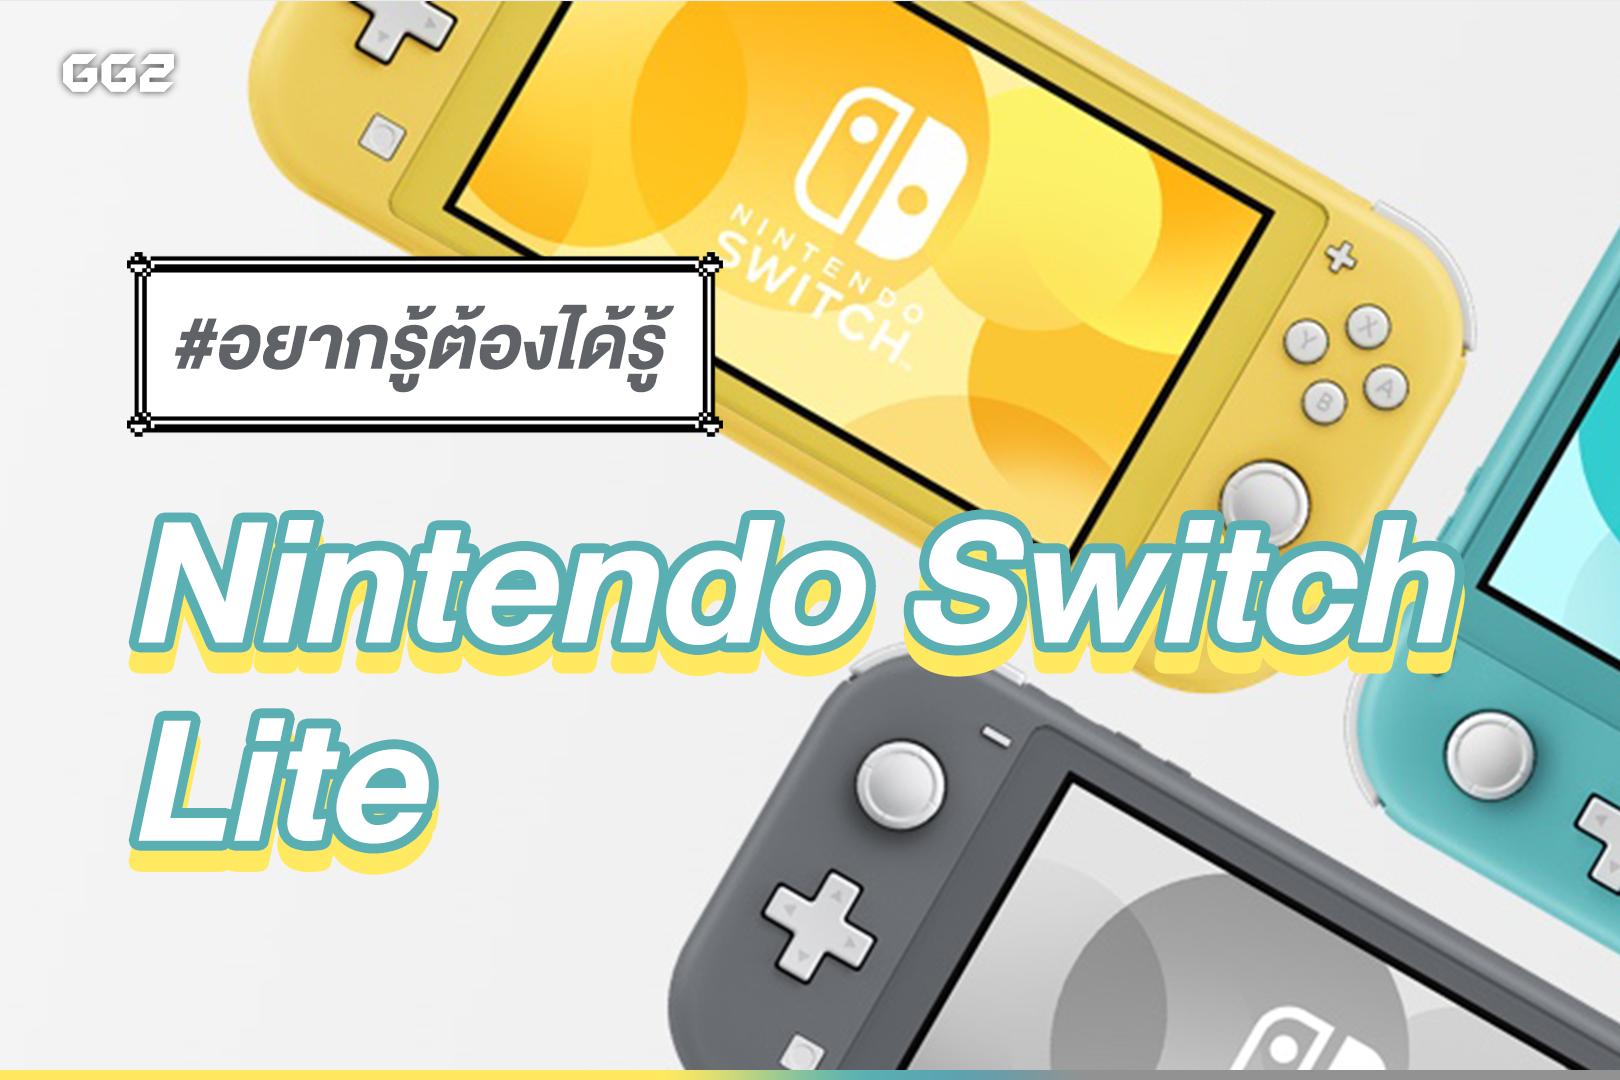 #อยากรู้ต้องได้รู้ พาไปเจาะลึกข้อมูล Nintendo Switch Lite ว่ามันมีอะไรบ้าง